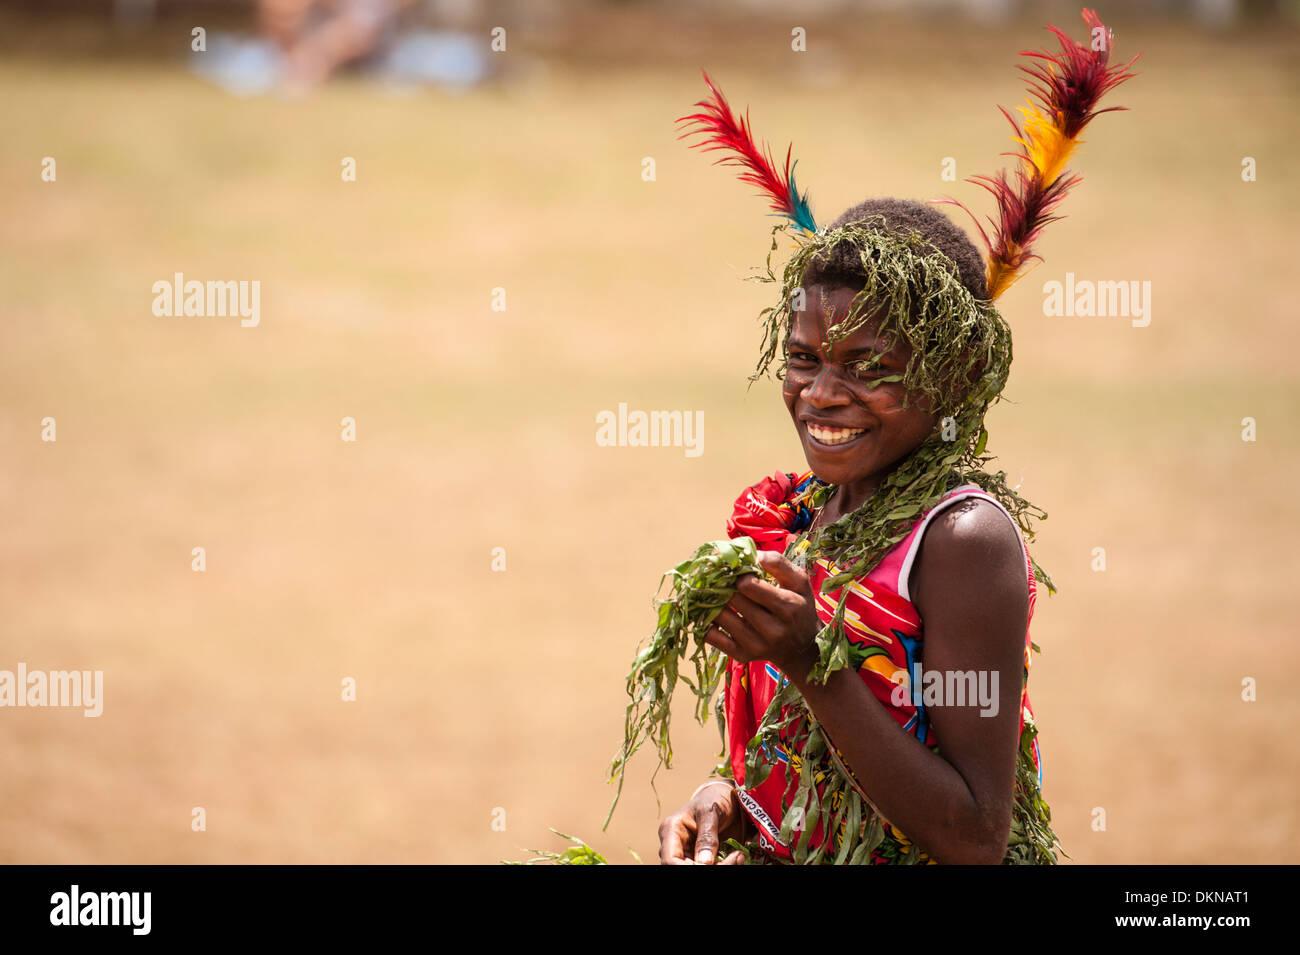 Uno dei musicisti di Tanna prendendo parte alla Fest' Sawagoro, una celebrazione di kastom, cultura tradizionale in Vanuatu. Immagini Stock